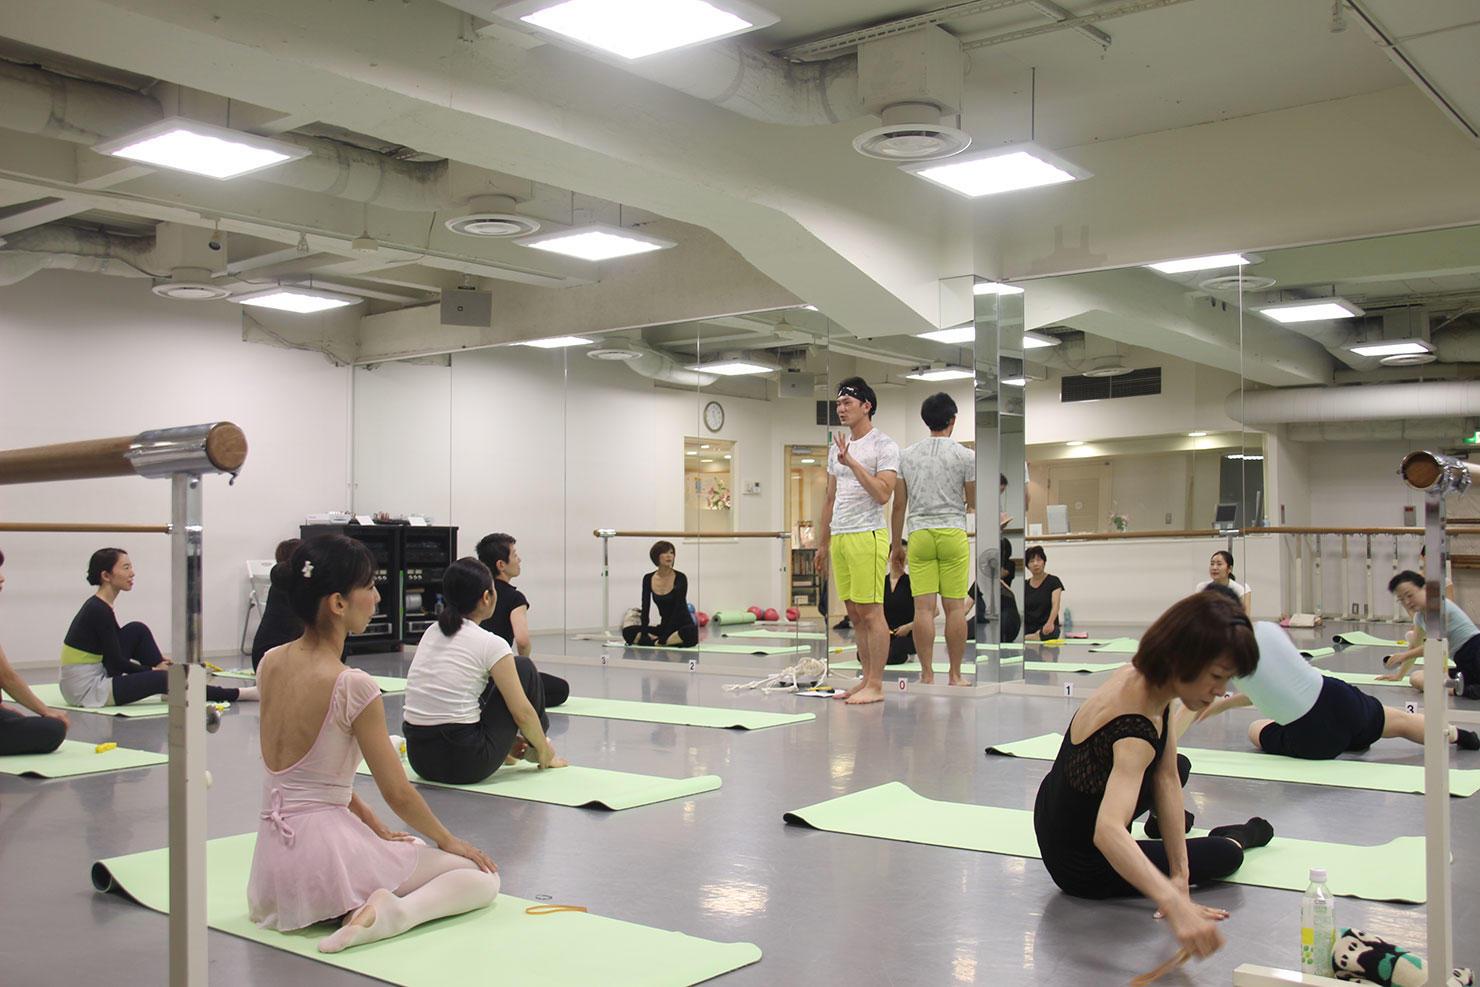 cul_yokohama_report20190812_001.jpg